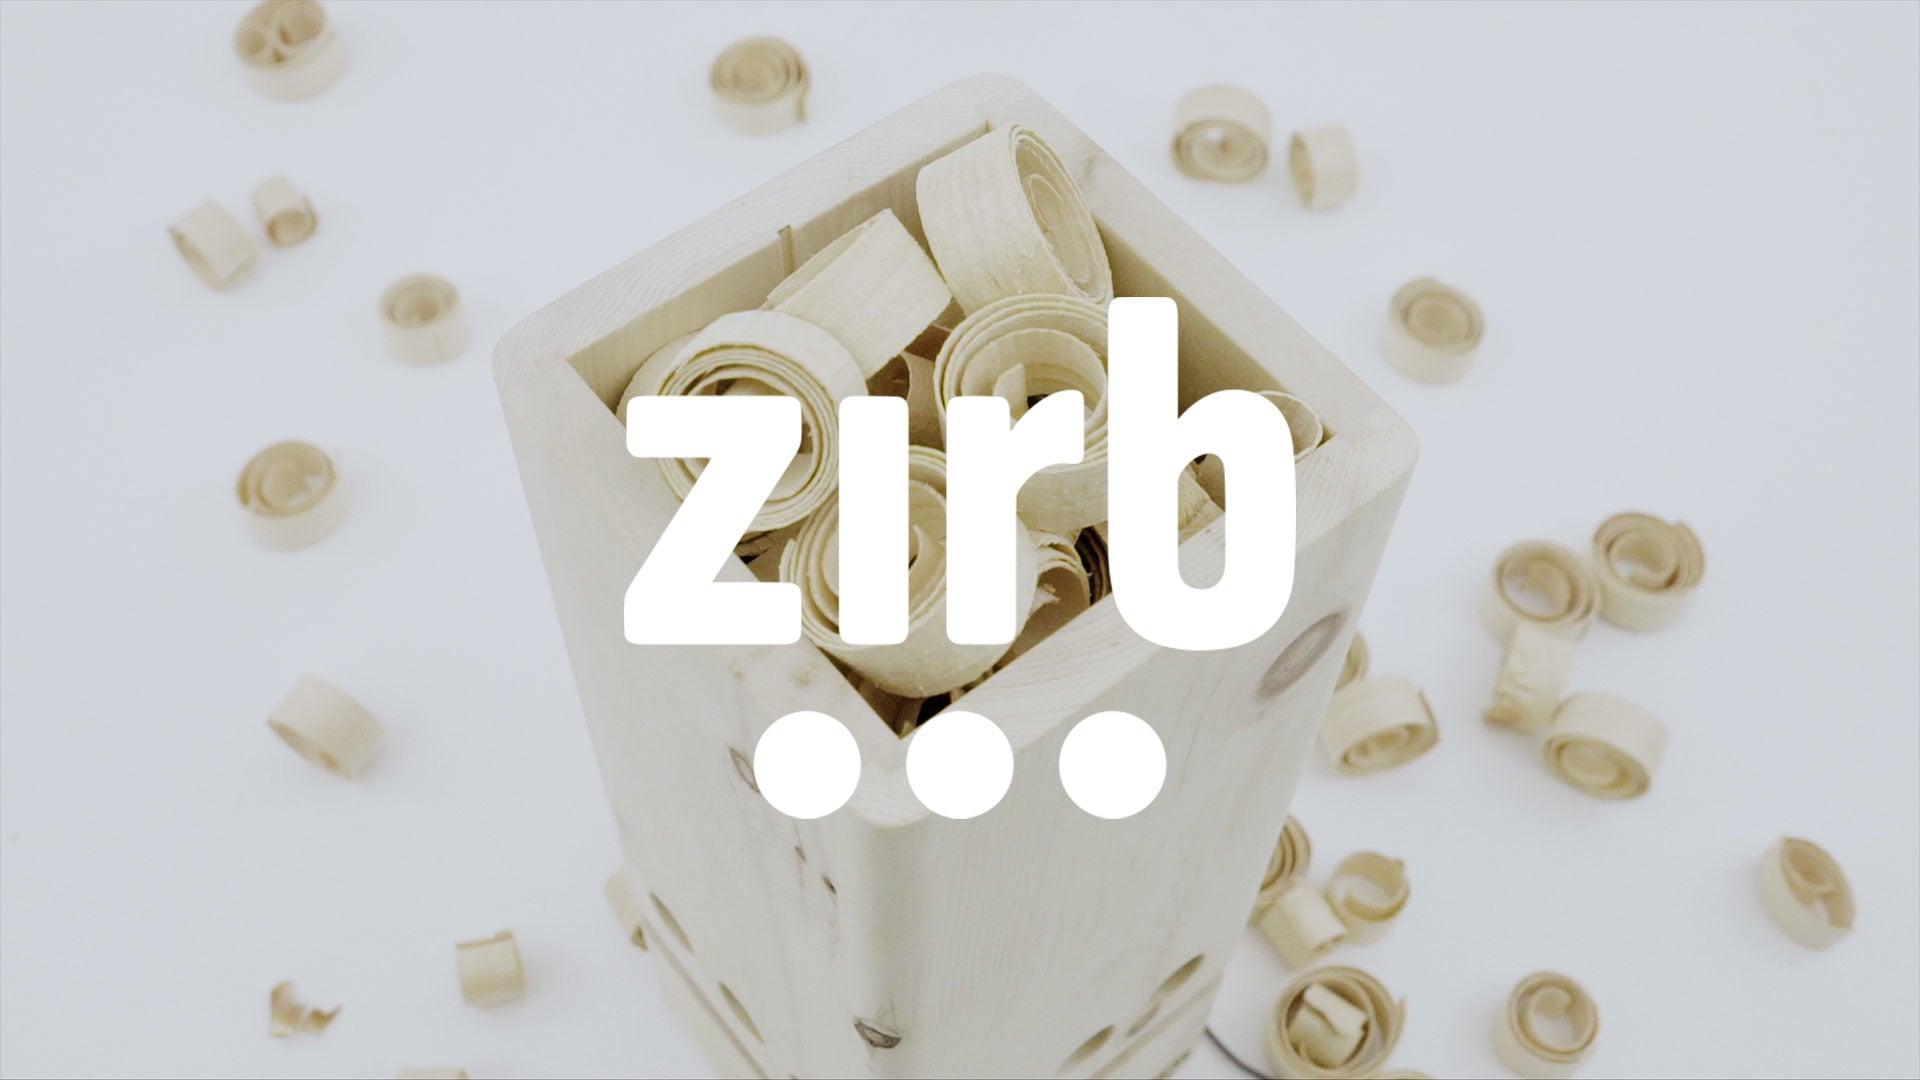 Zirb - Studio